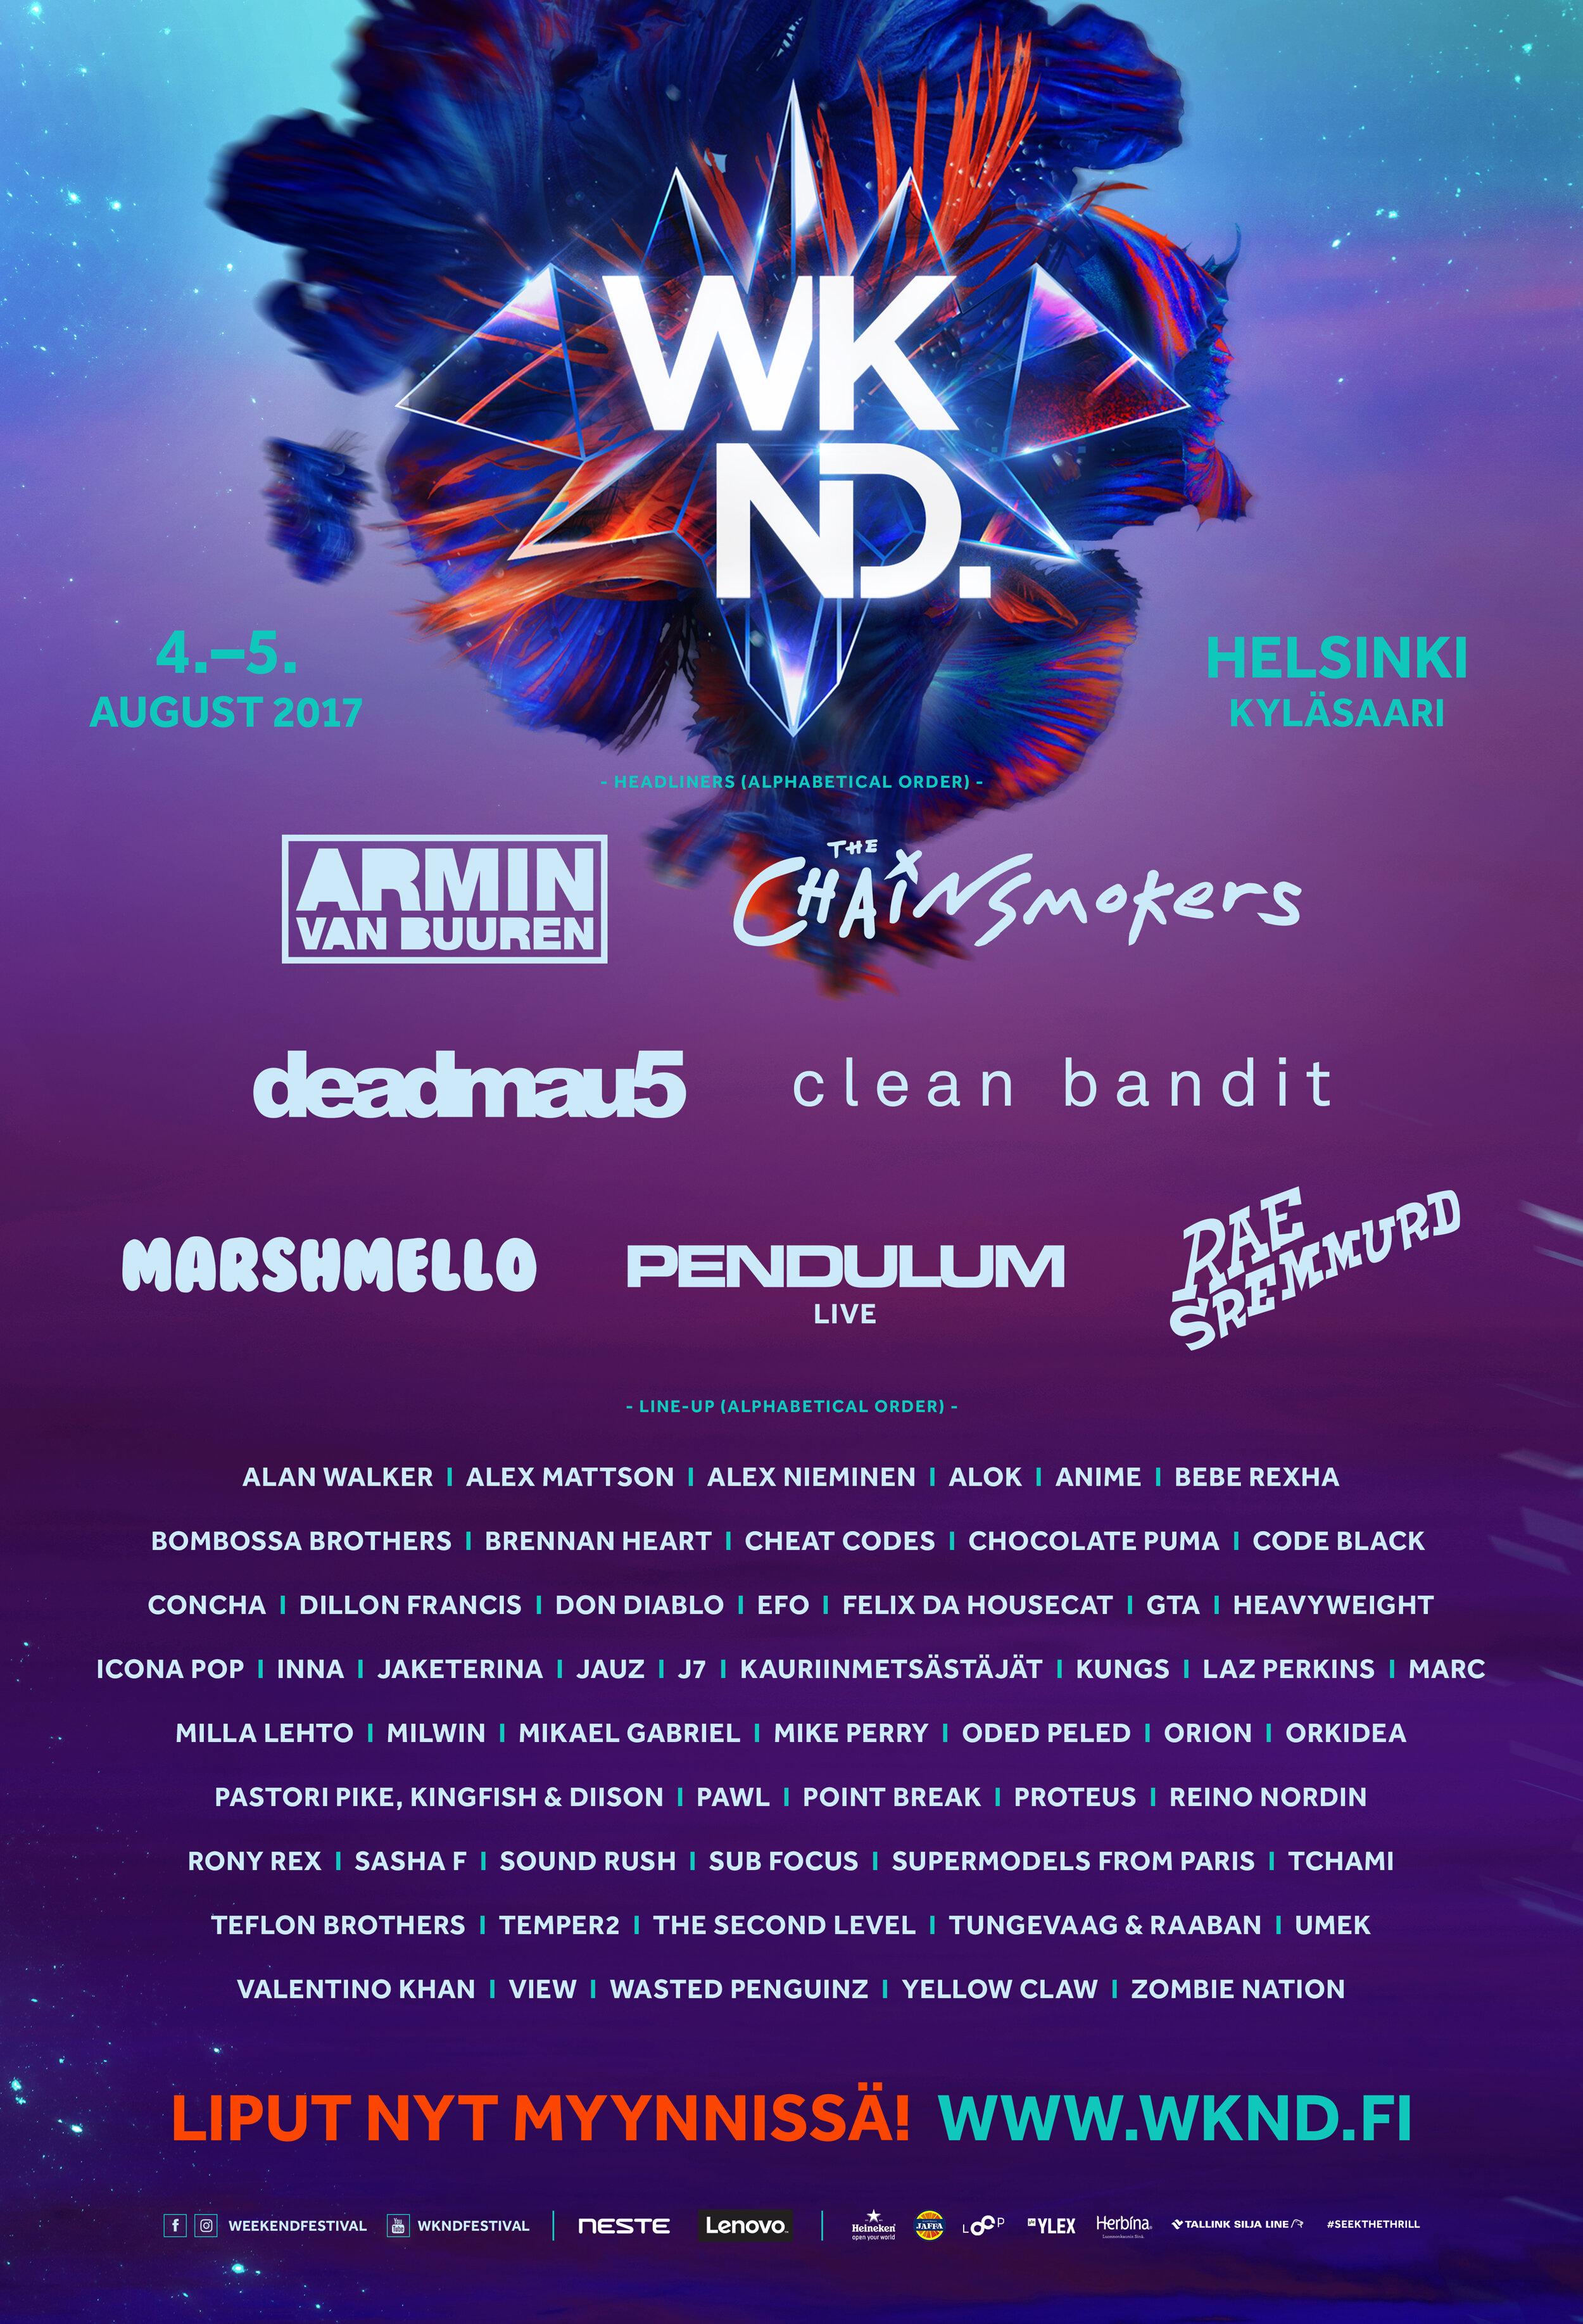 WKND17-FIN-Adshel-Full-line-up-Poster.jpg